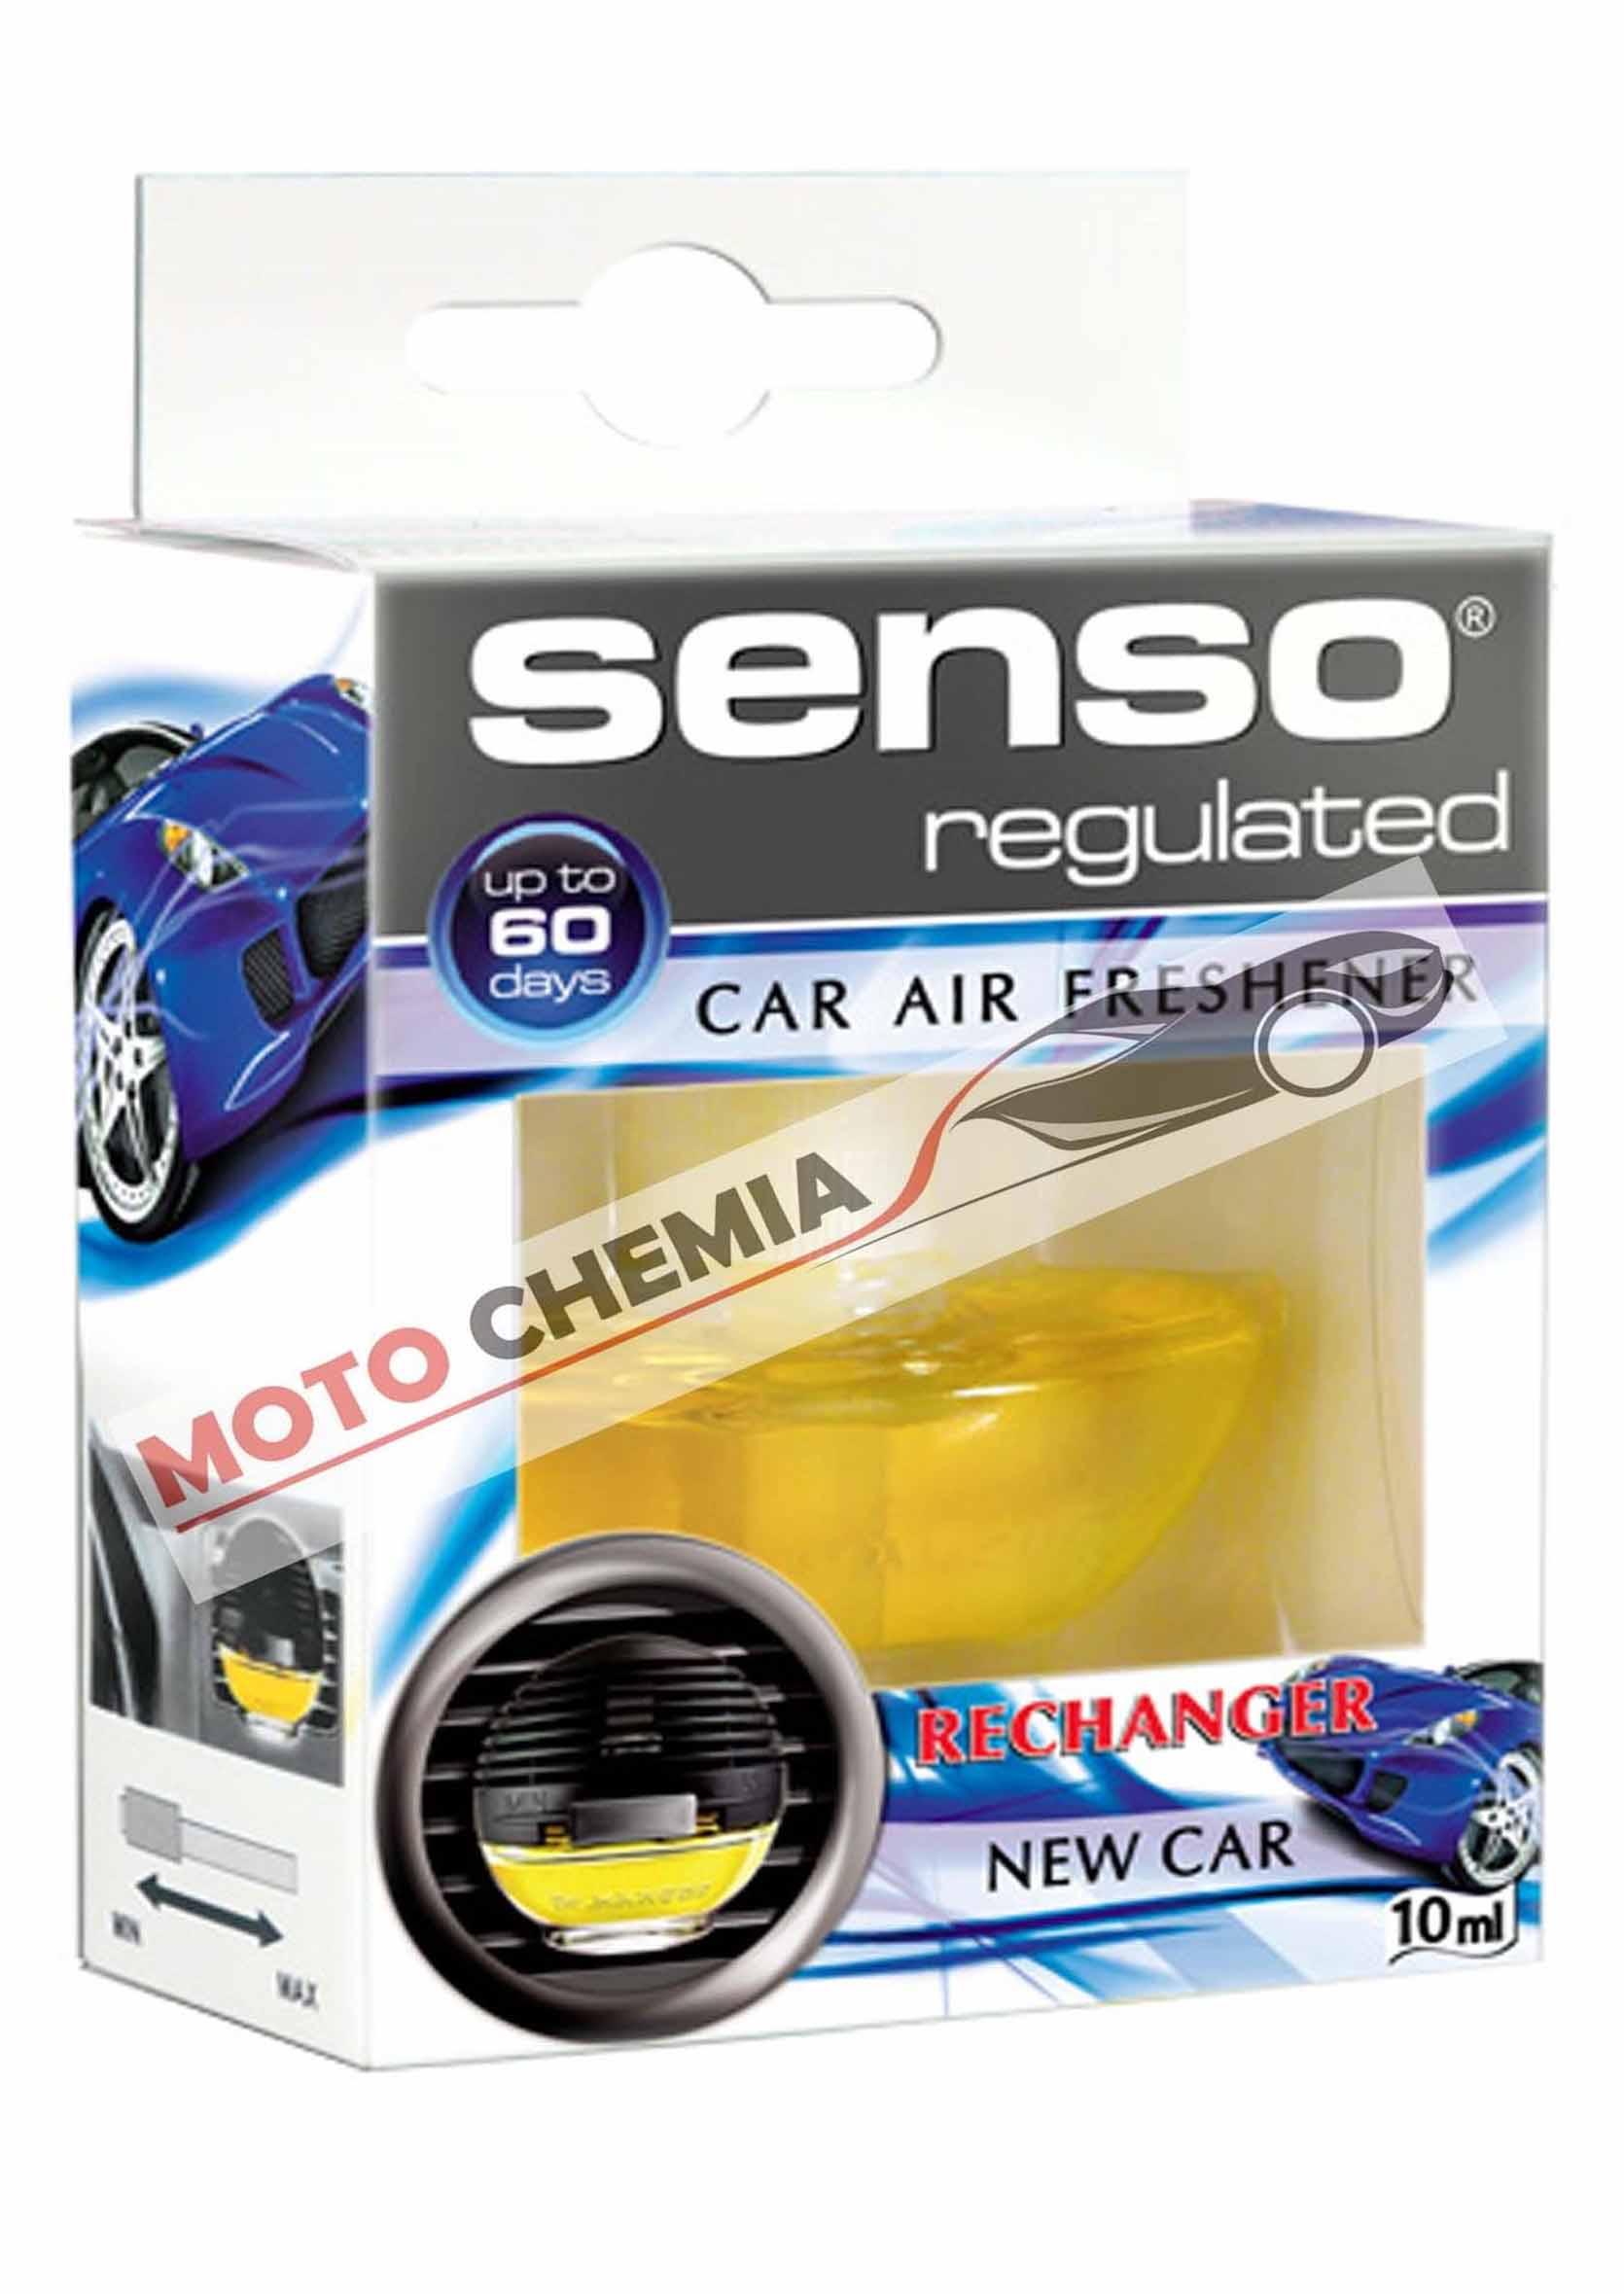 Dr. Marcus Rechanger Wkład wymienny do Senso 10ml New Car